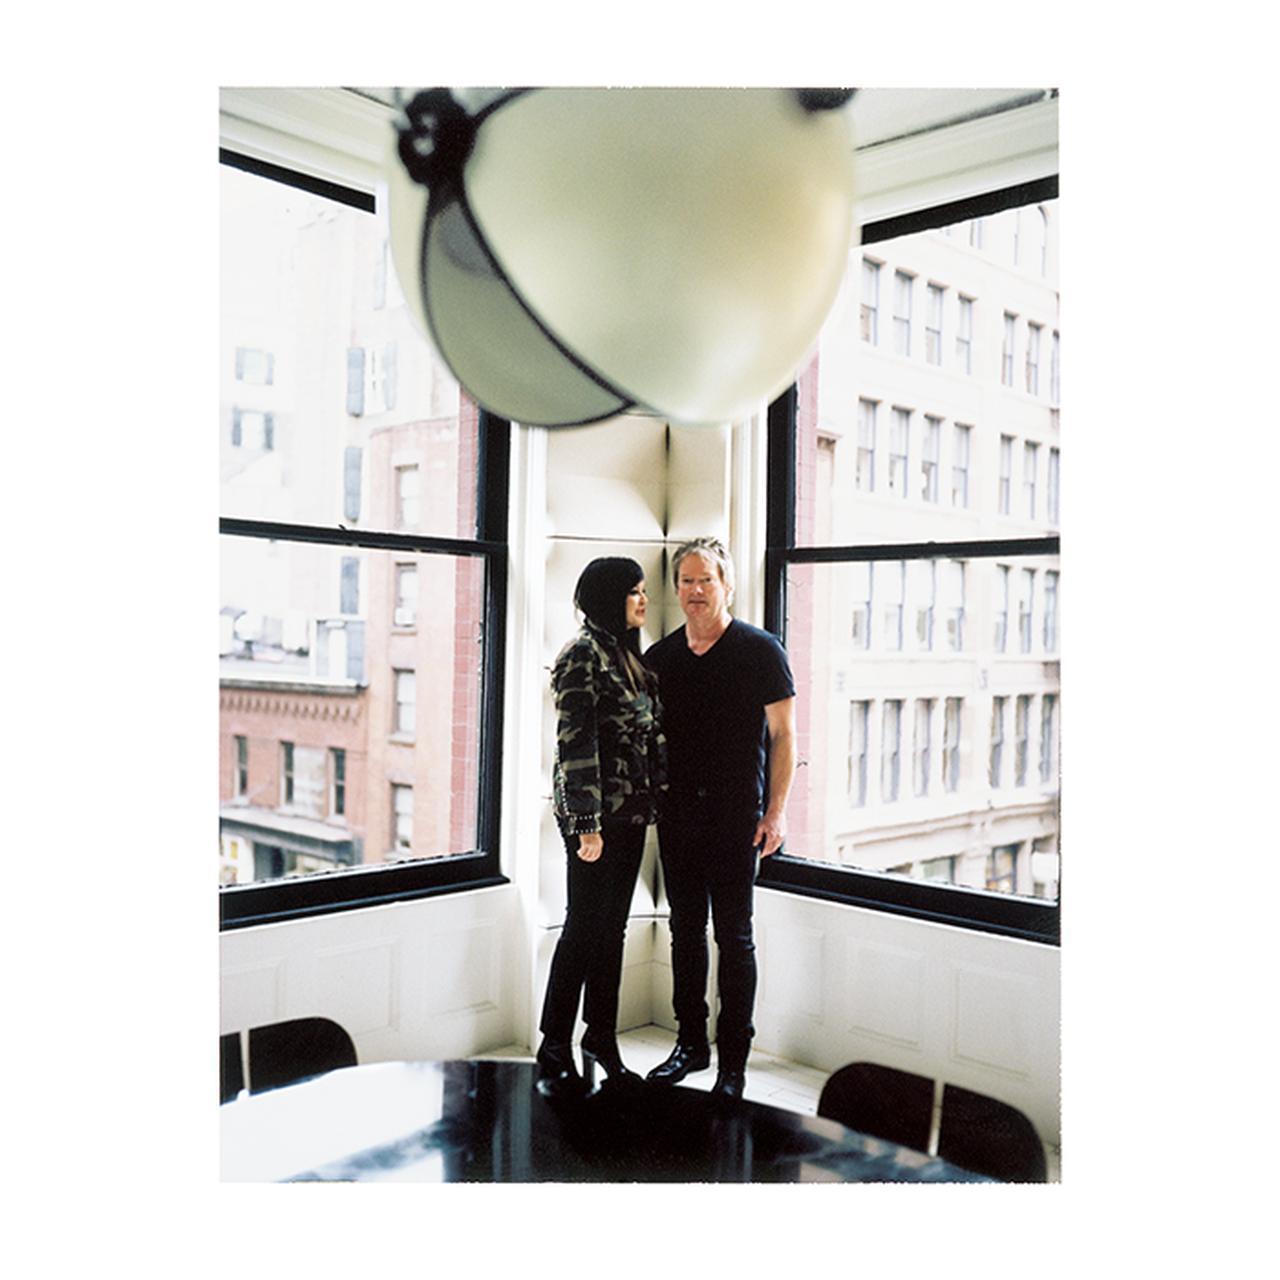 Images : 2番目の画像 - 「70年代の面影を残す ソーホーのロフトに暮らす」のアルバム - T JAPAN:The New York Times Style Magazine 公式サイト